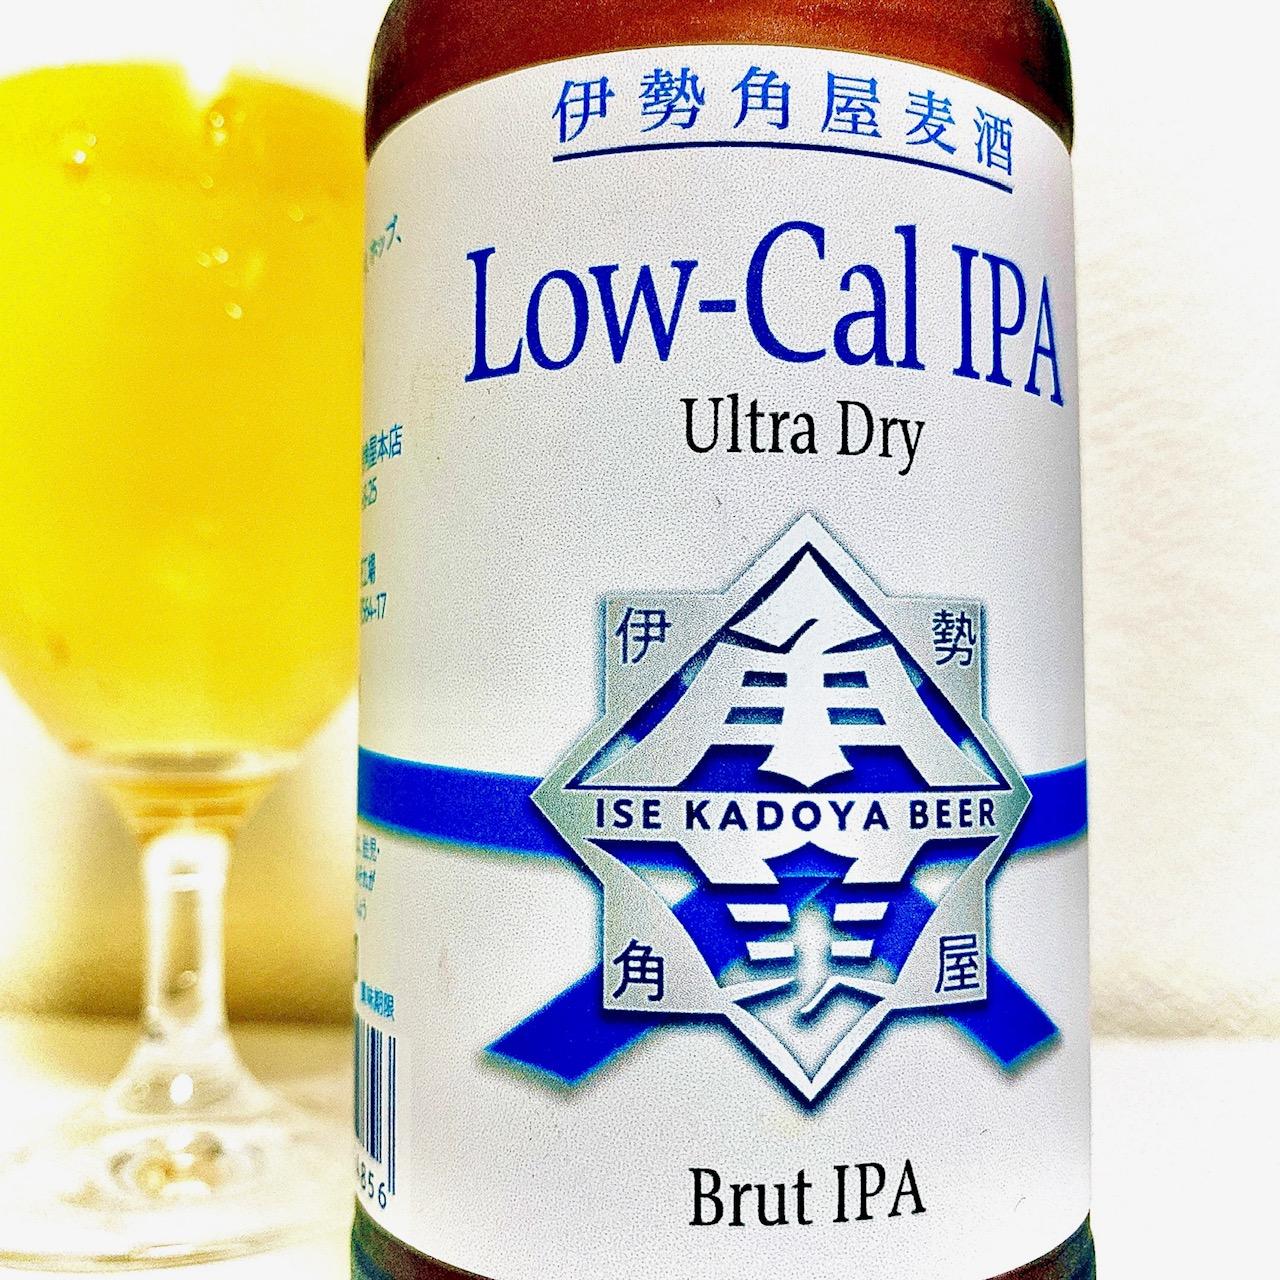 有限会社二軒茶屋餅角屋本店「伊勢角屋麦酒 Low-Cal IPA」